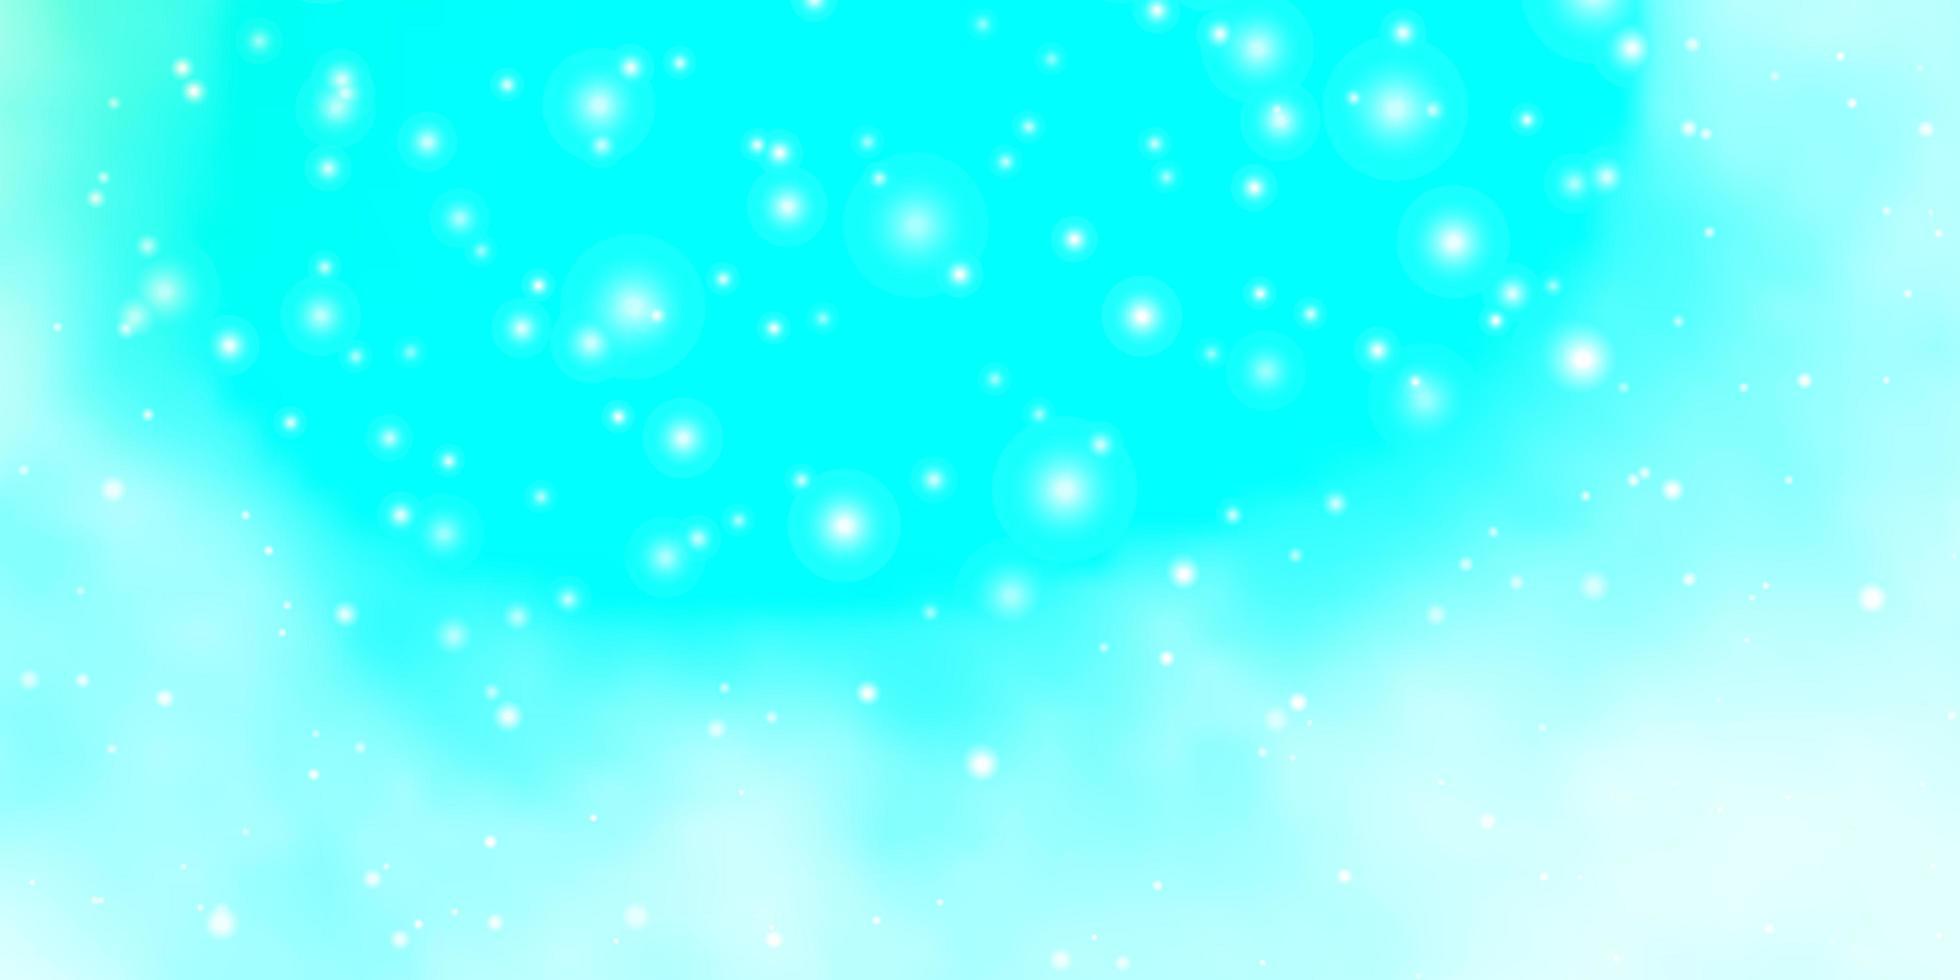 blauwe sjabloon met neonsterren. vector